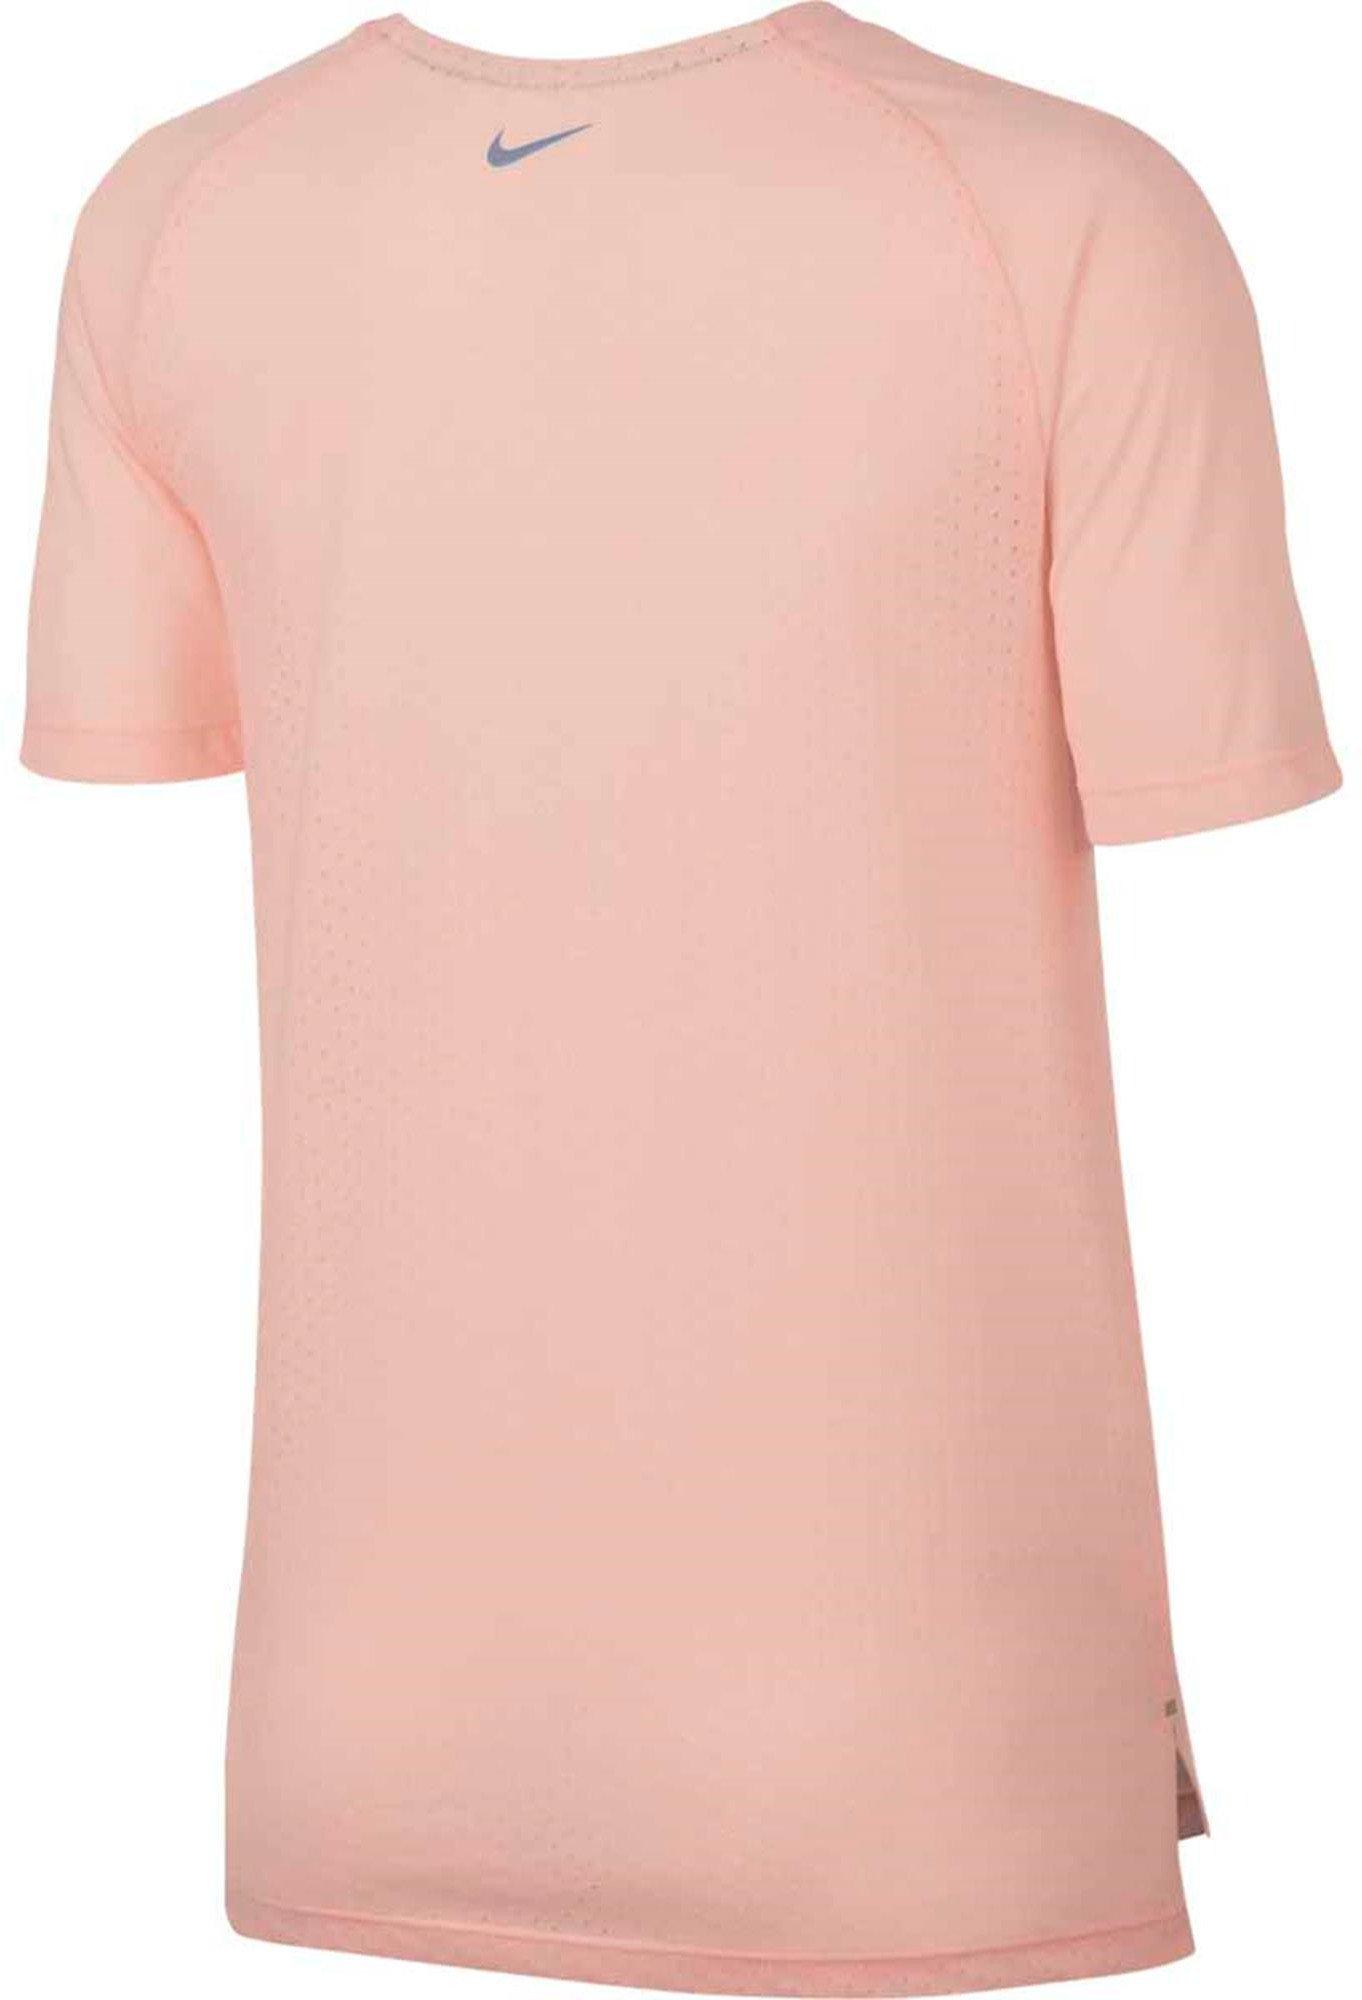 T shirt Nike W NK BRTHE TAILWIND TOP SS